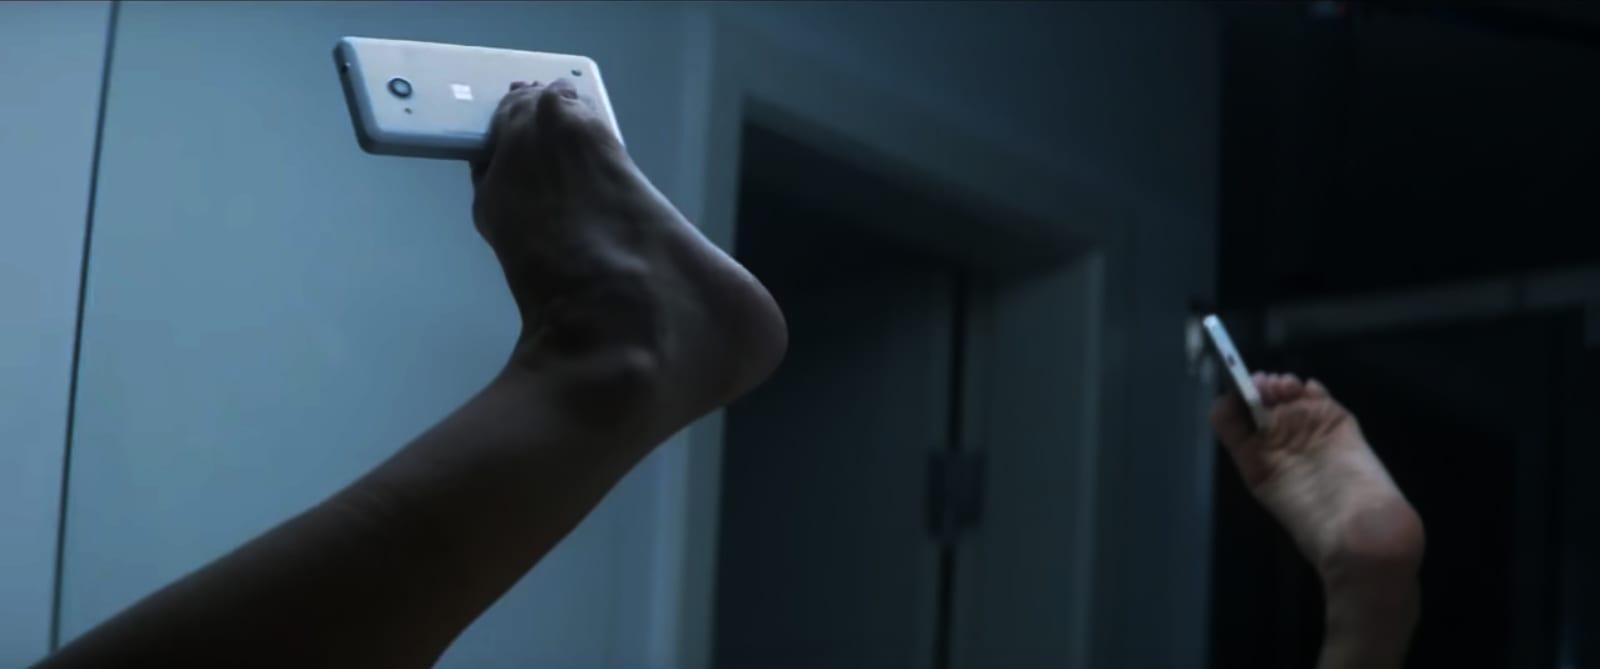 Lumias lumias 950 e 650 são usados em filme brasileiro; microsoft preparava lançamento no brasil